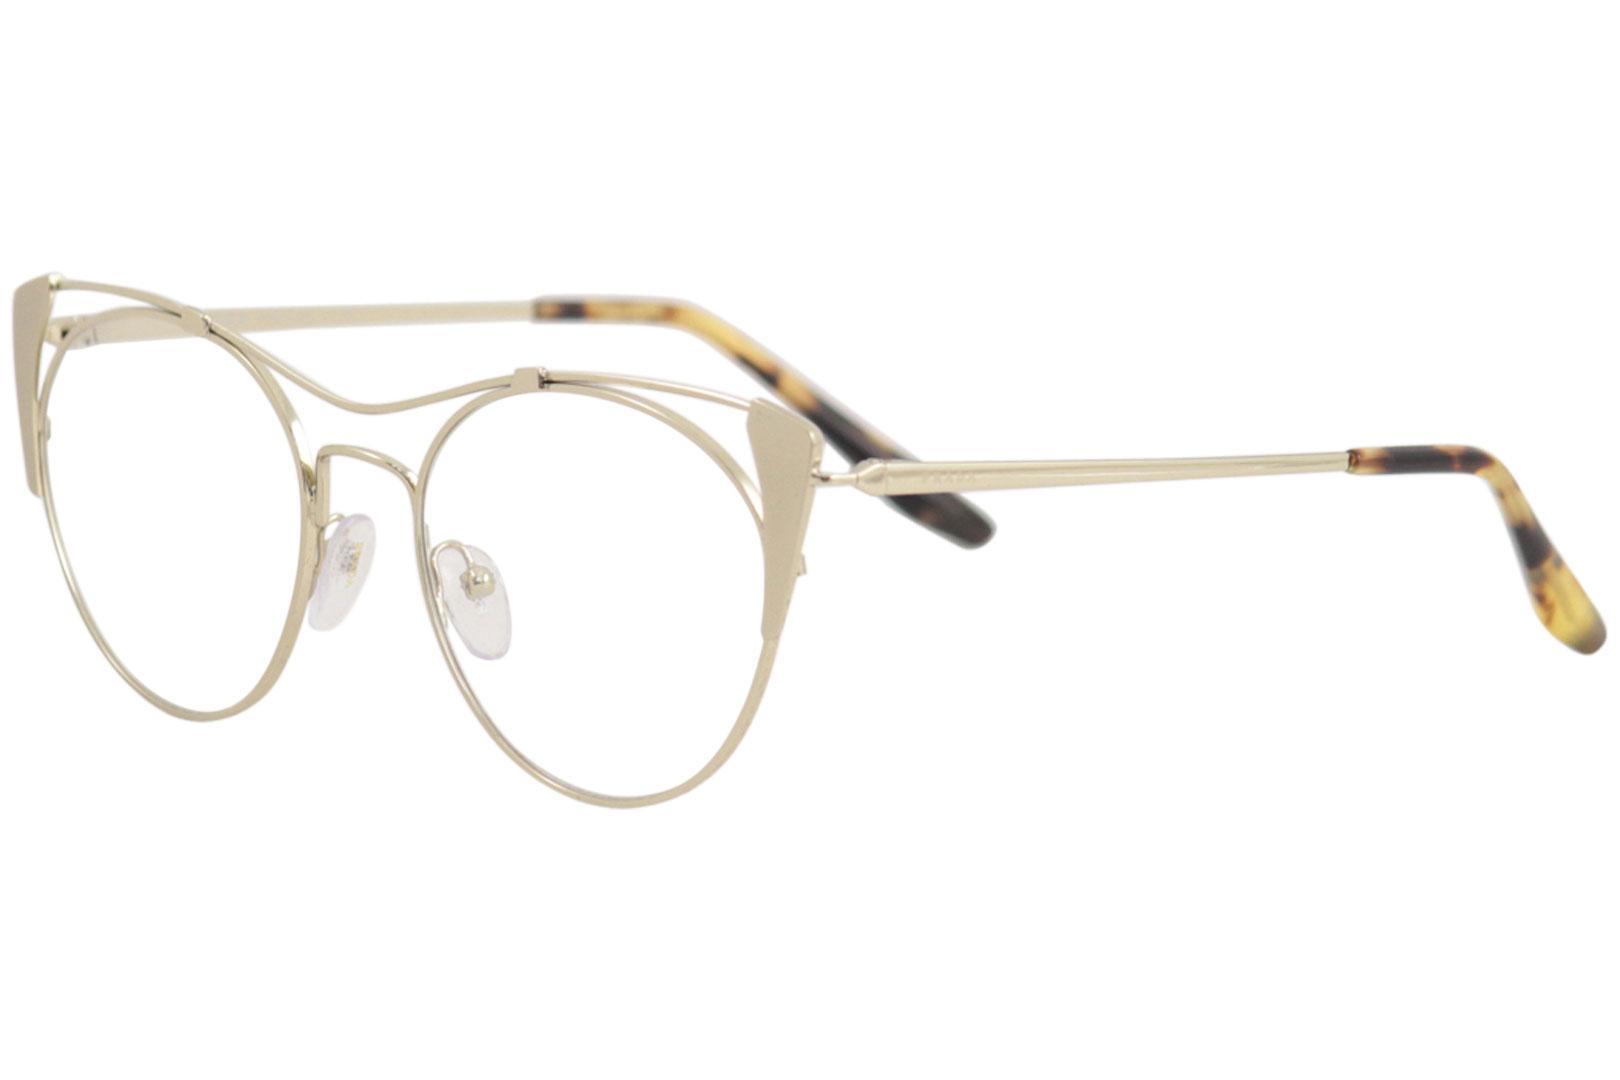 Prada Eyeglasses VPR58V VPR 58 V 331 1O1 Matte Pale Gold Optical ... b088892d8d